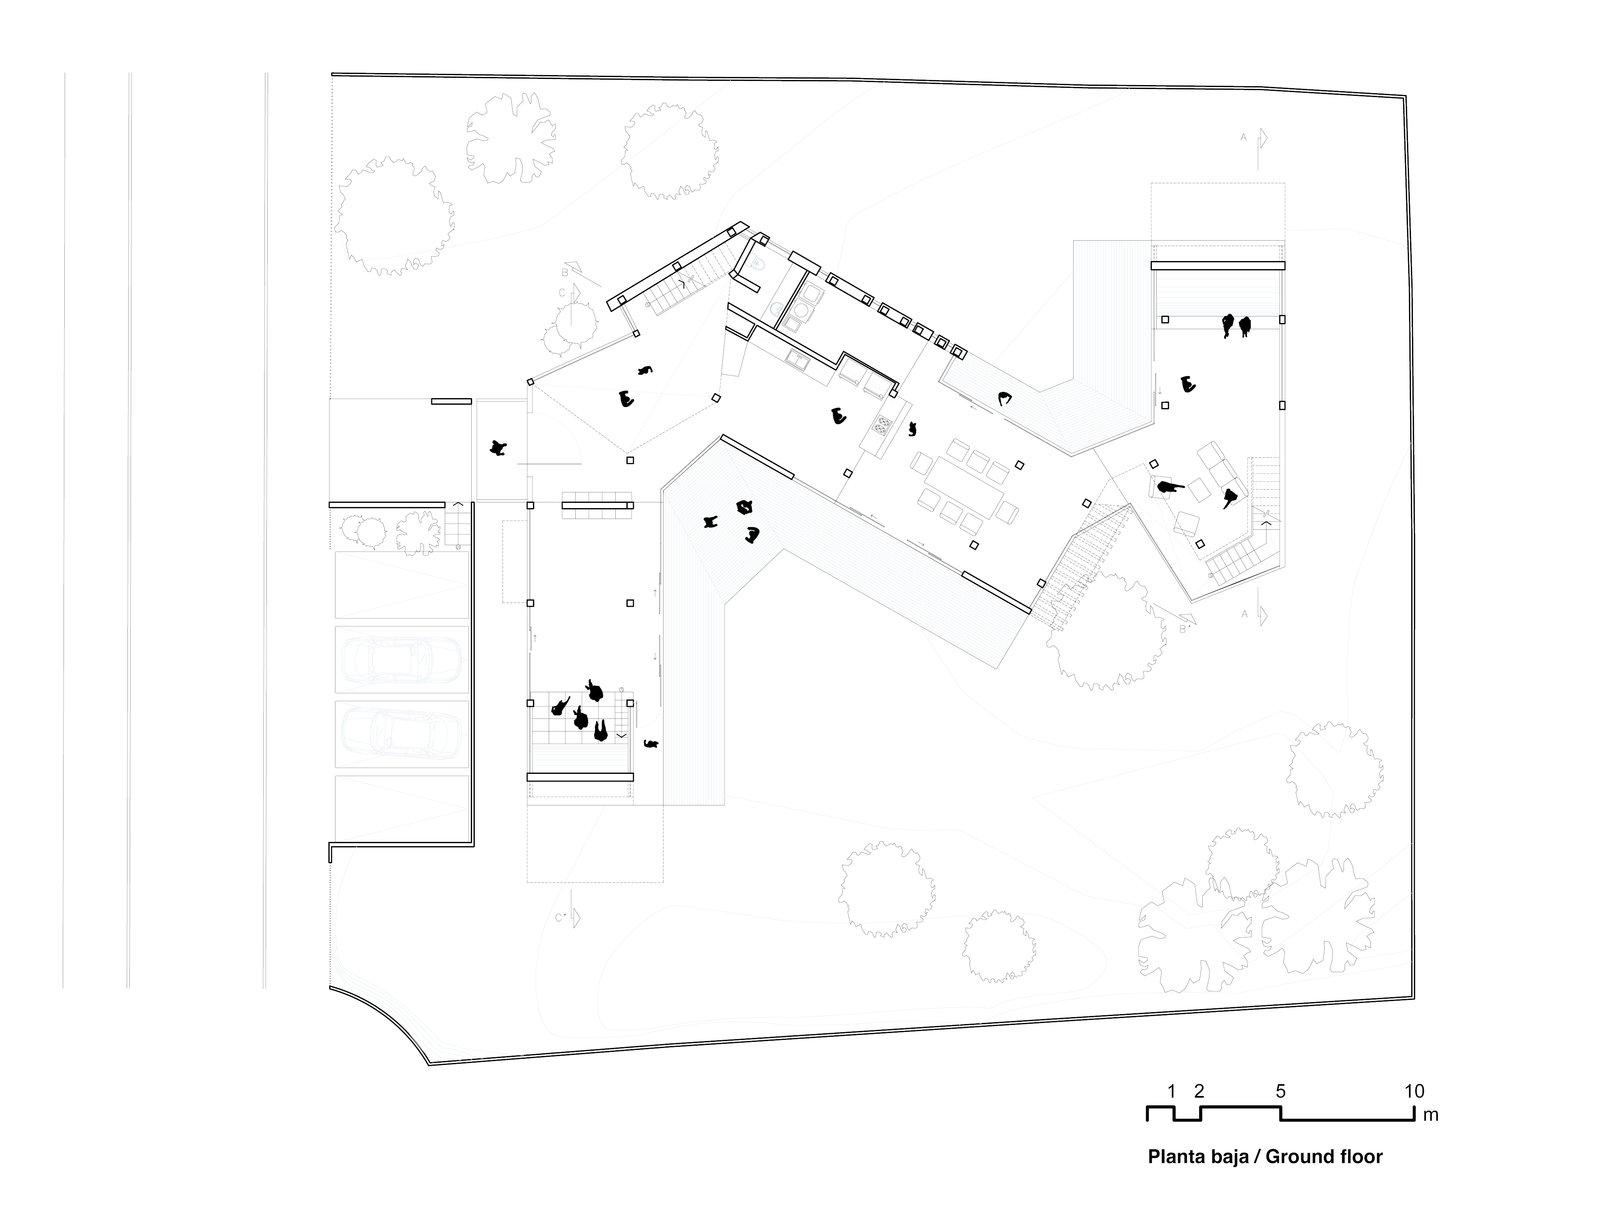 Ground level floor plan.